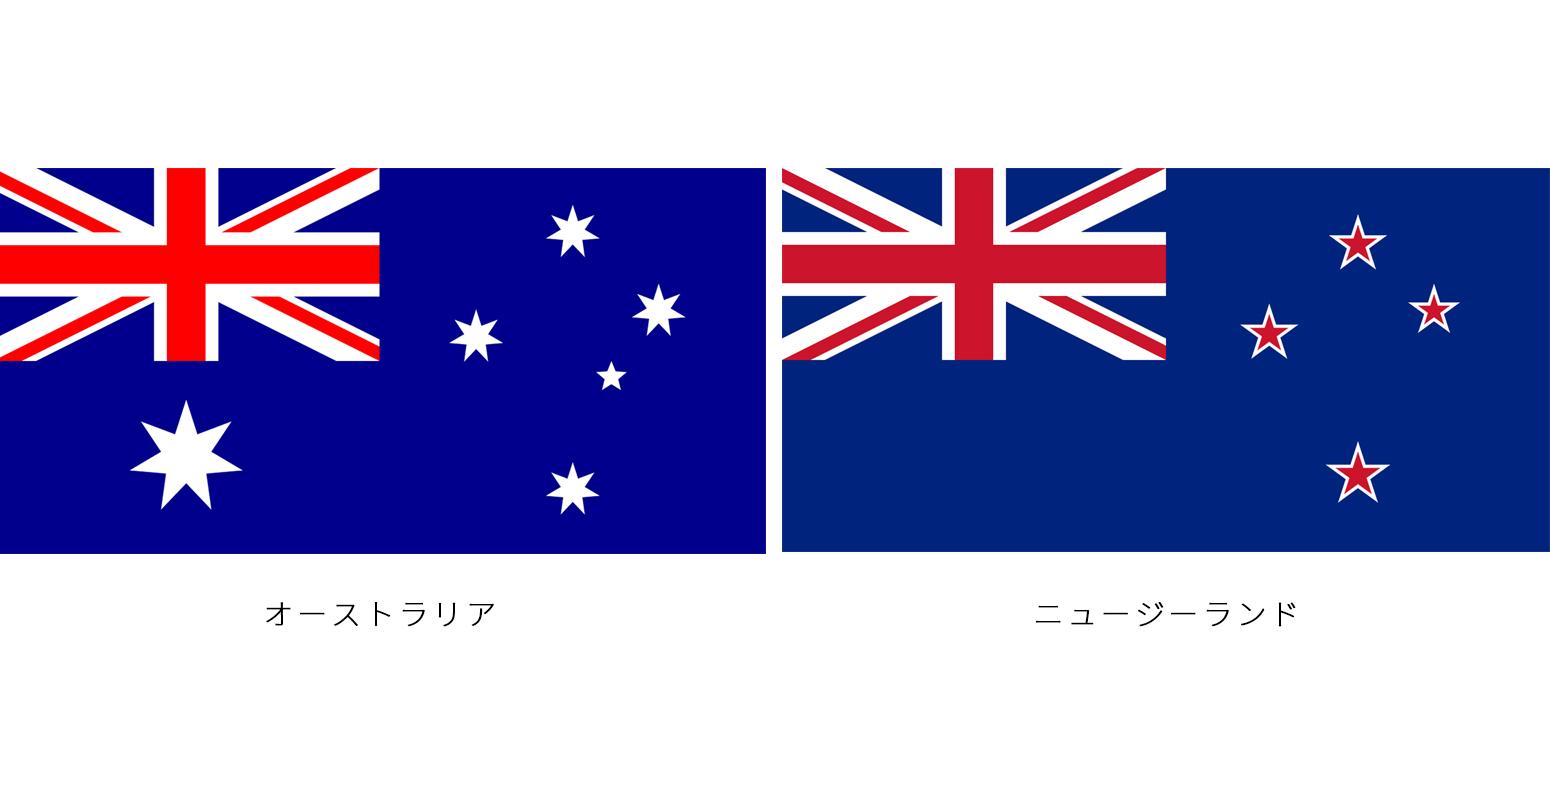 オーストラリア ニュージーランド 国旗 比較